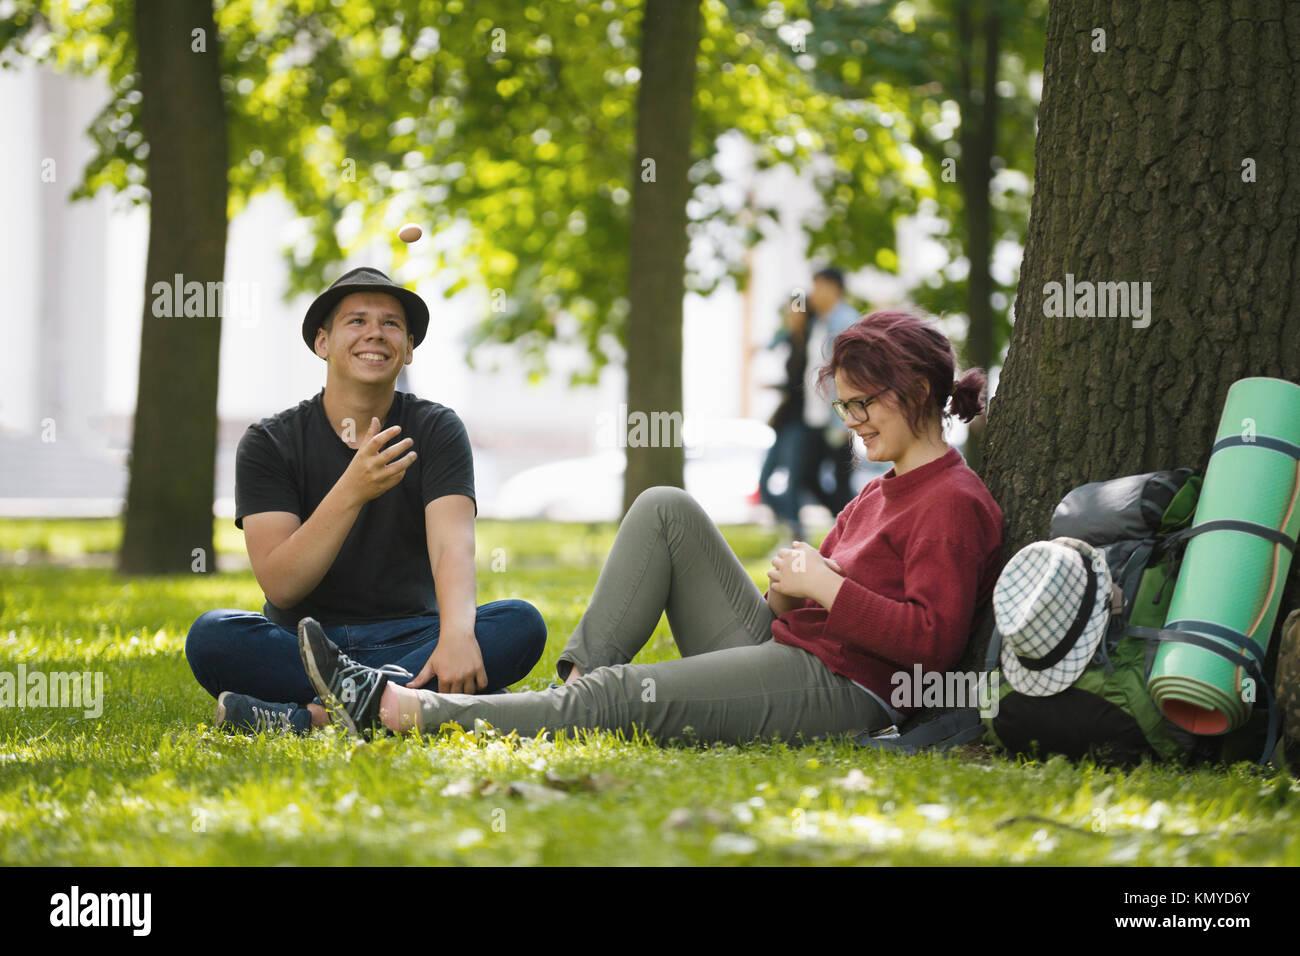 Junges Paar Touristen mit Rucksäcken haben Ruhe im Park Stockbild